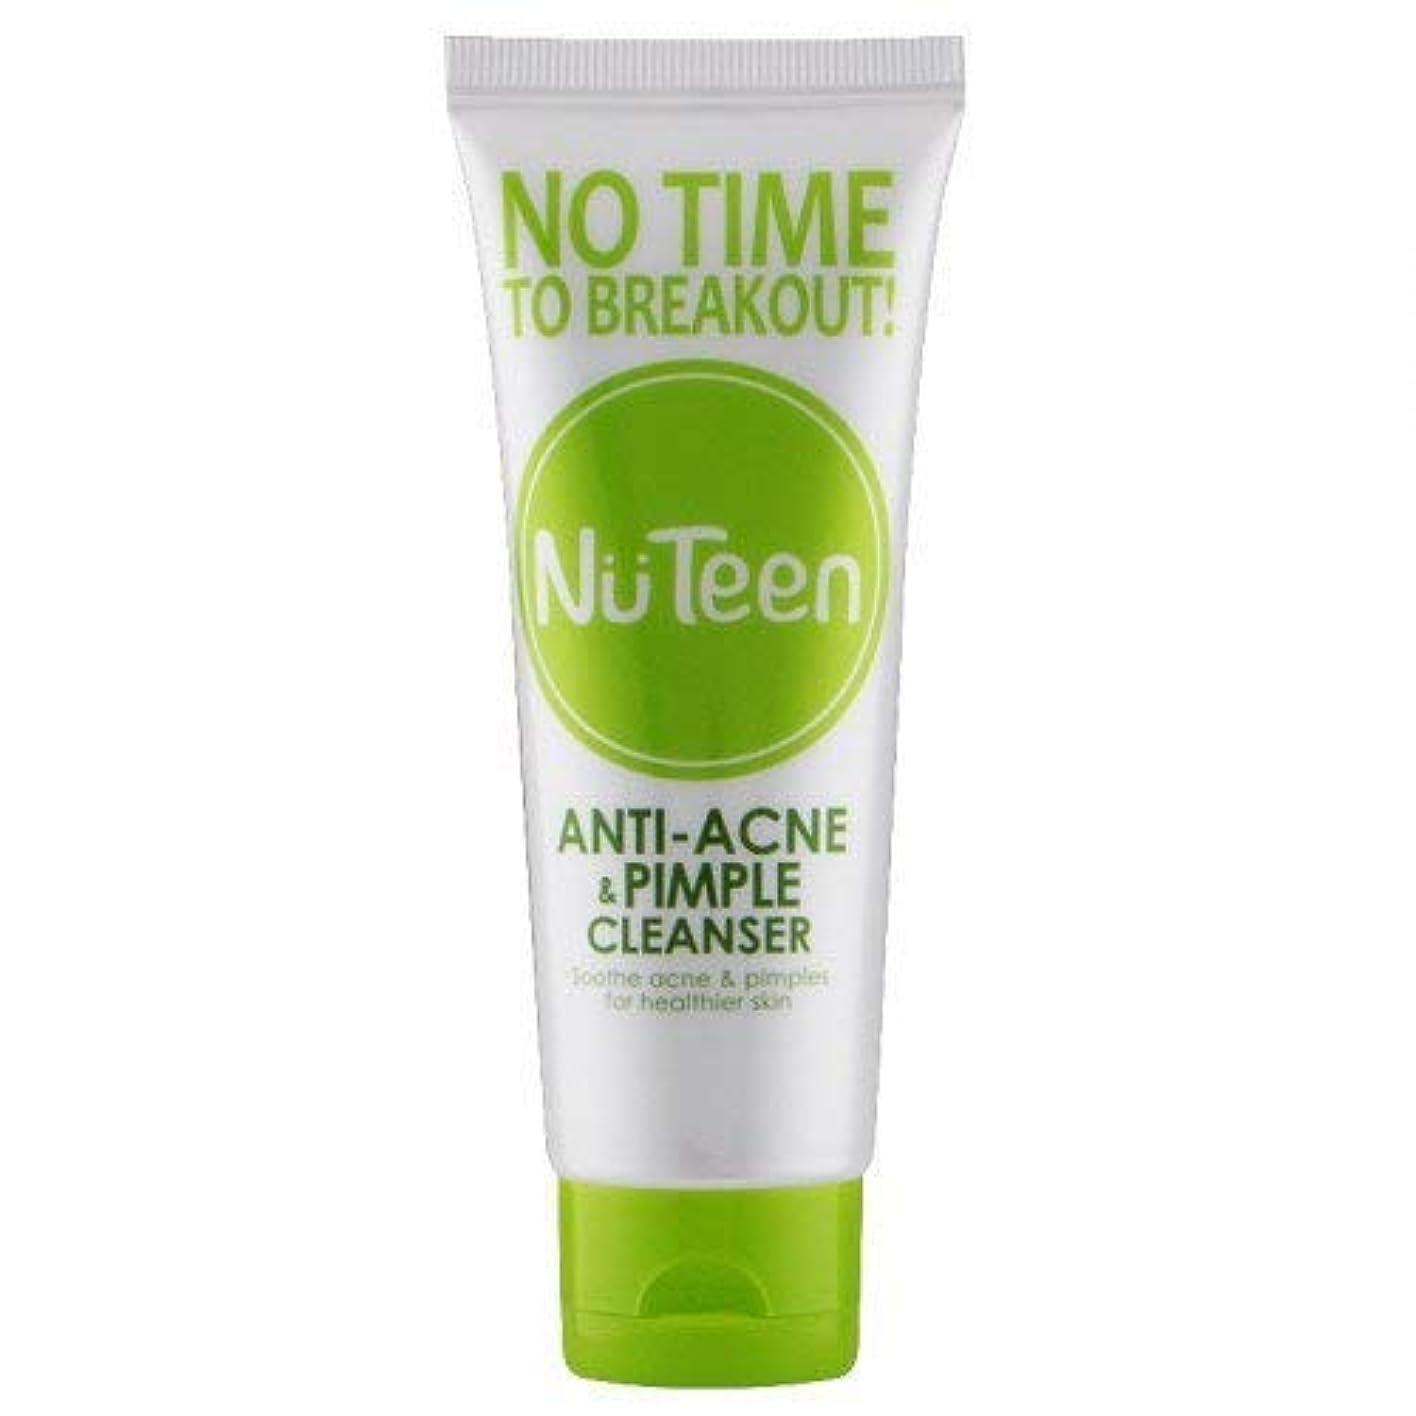 他の日靄辛いNuteen 抗ニキビや吹き出物洗顔料は優しく効果的にきれい100g-乾燥せずに余分な油や汚れを取り除きます